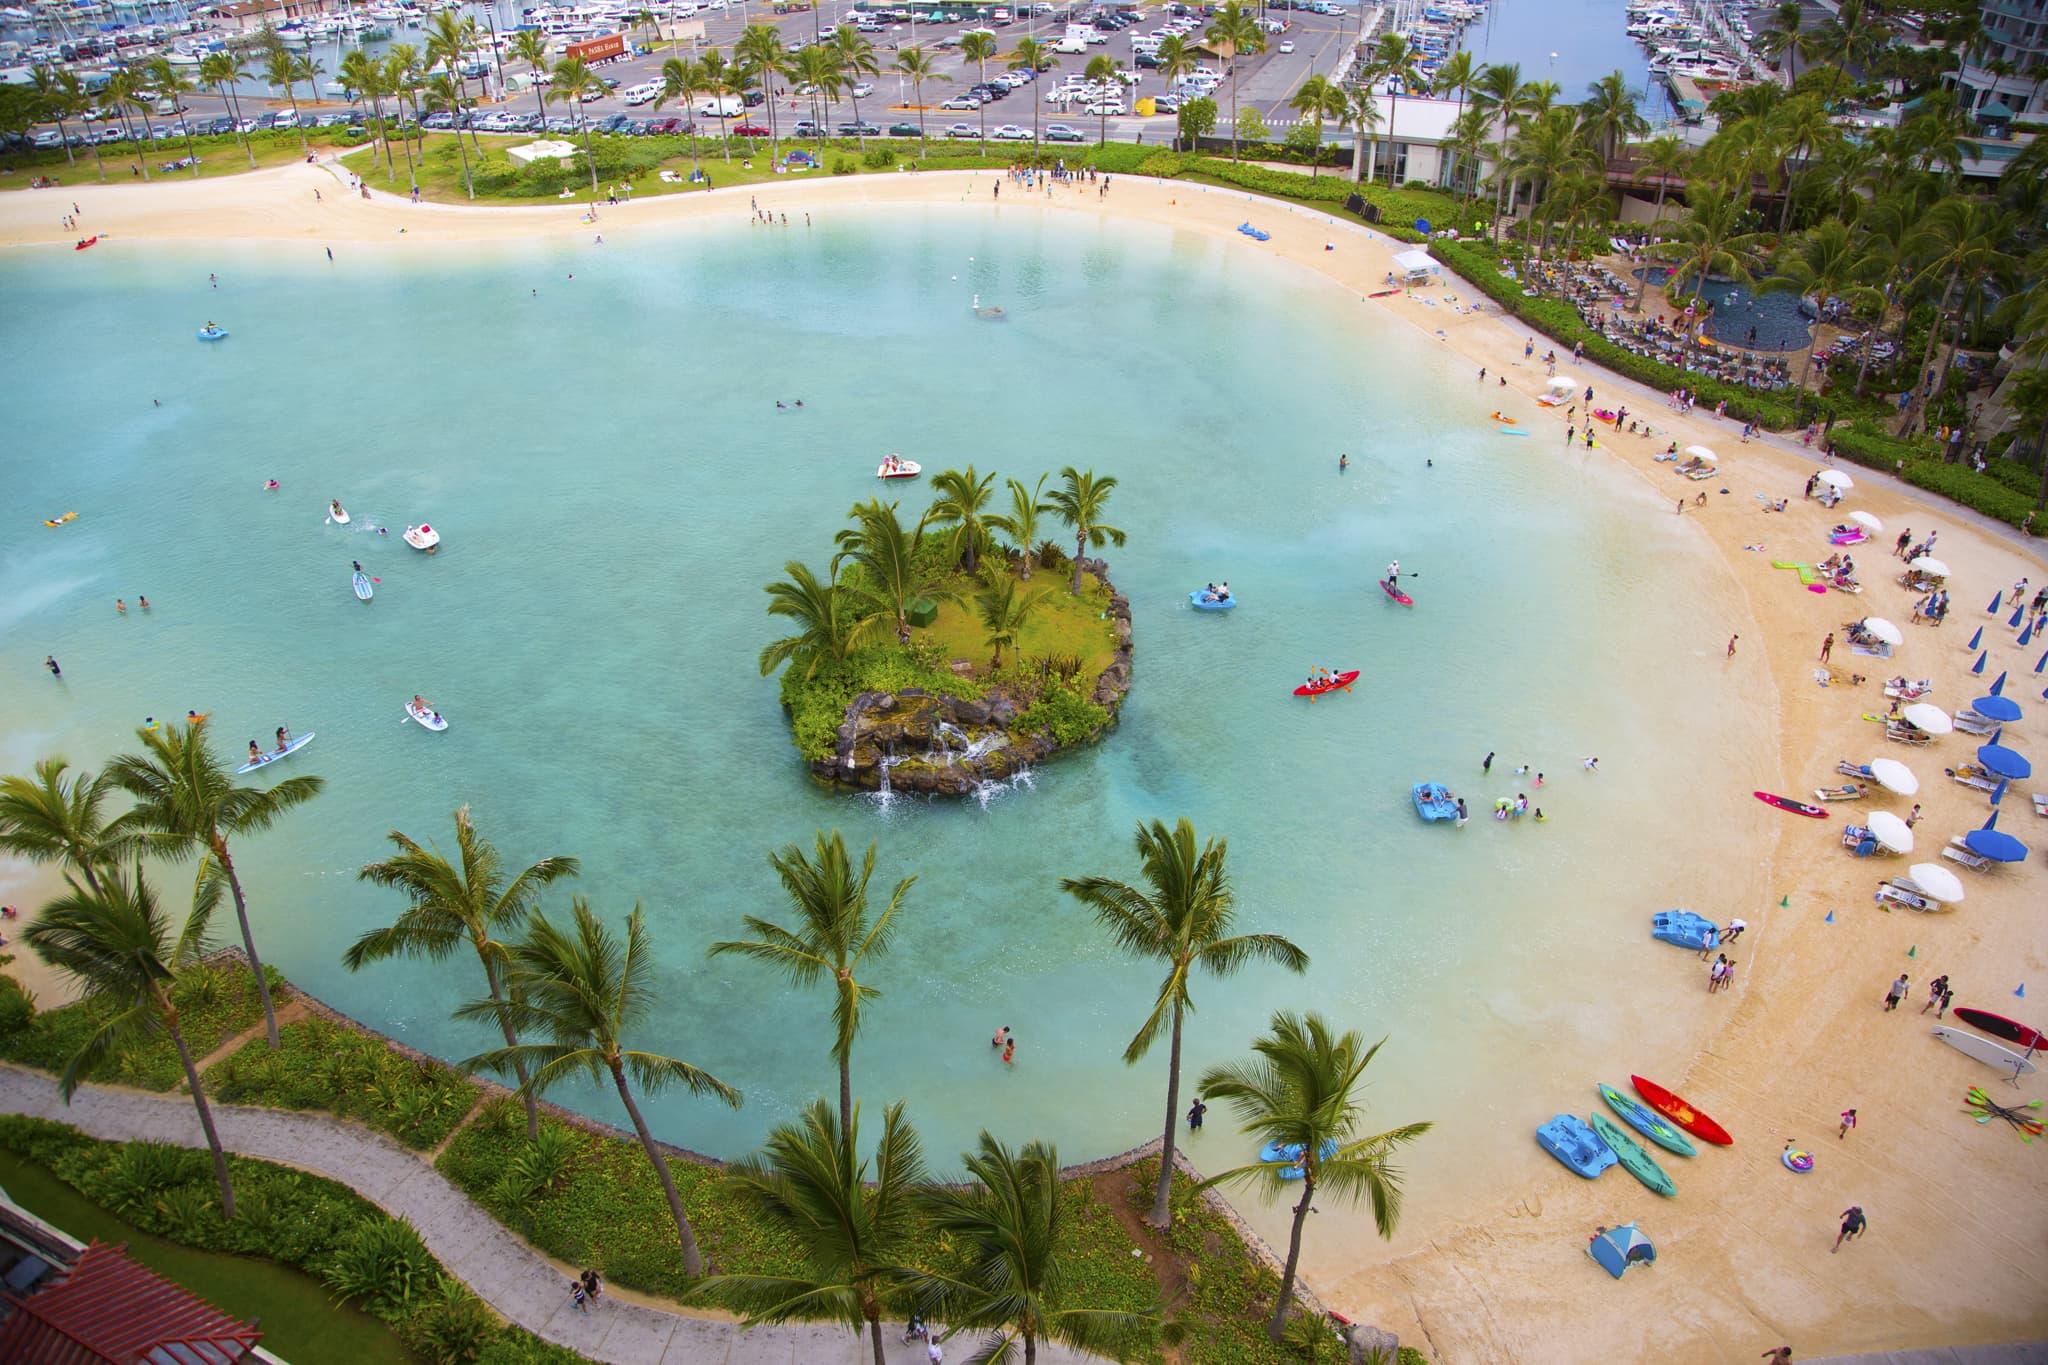 Hilton Hawaiian Village Waikiki Beach Photo Gallery 2048x1365